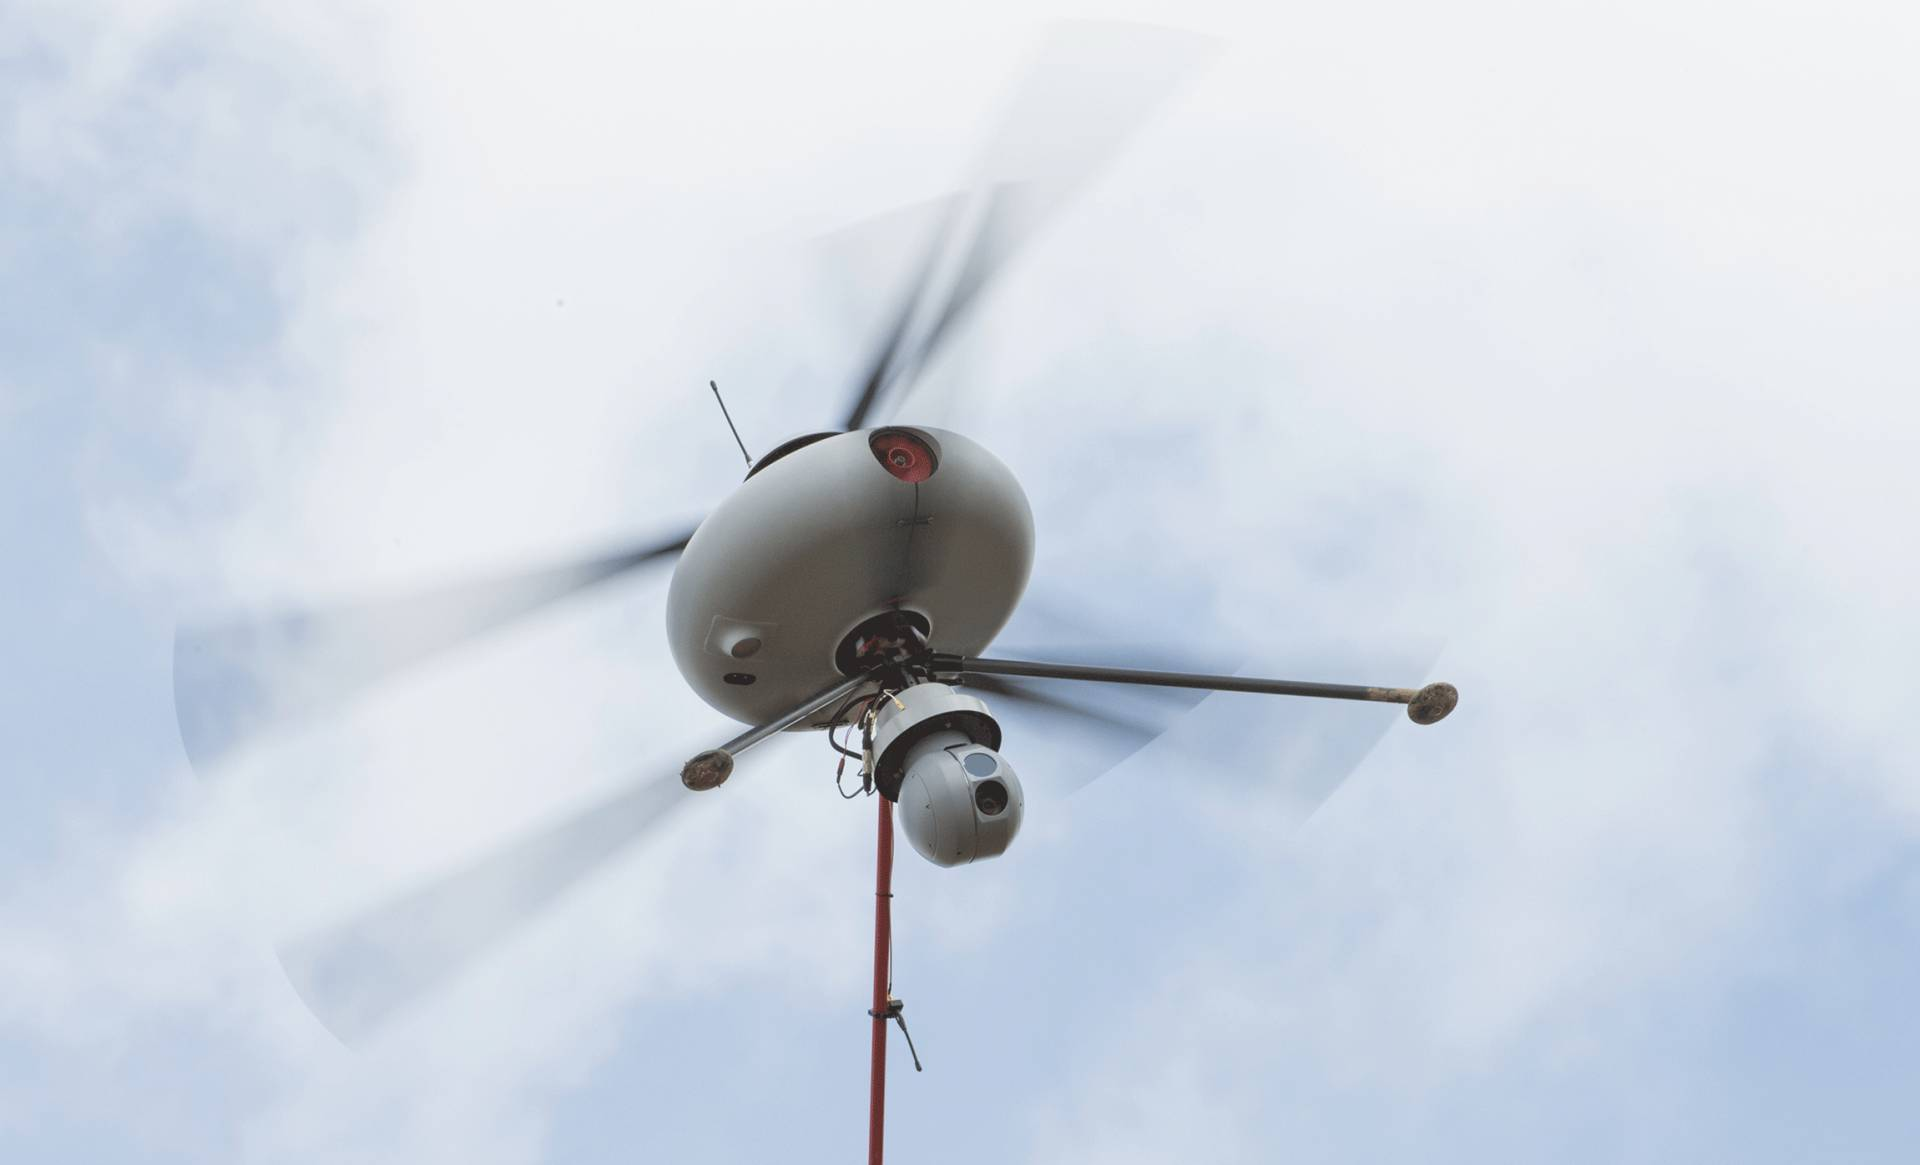 IT180 Drone